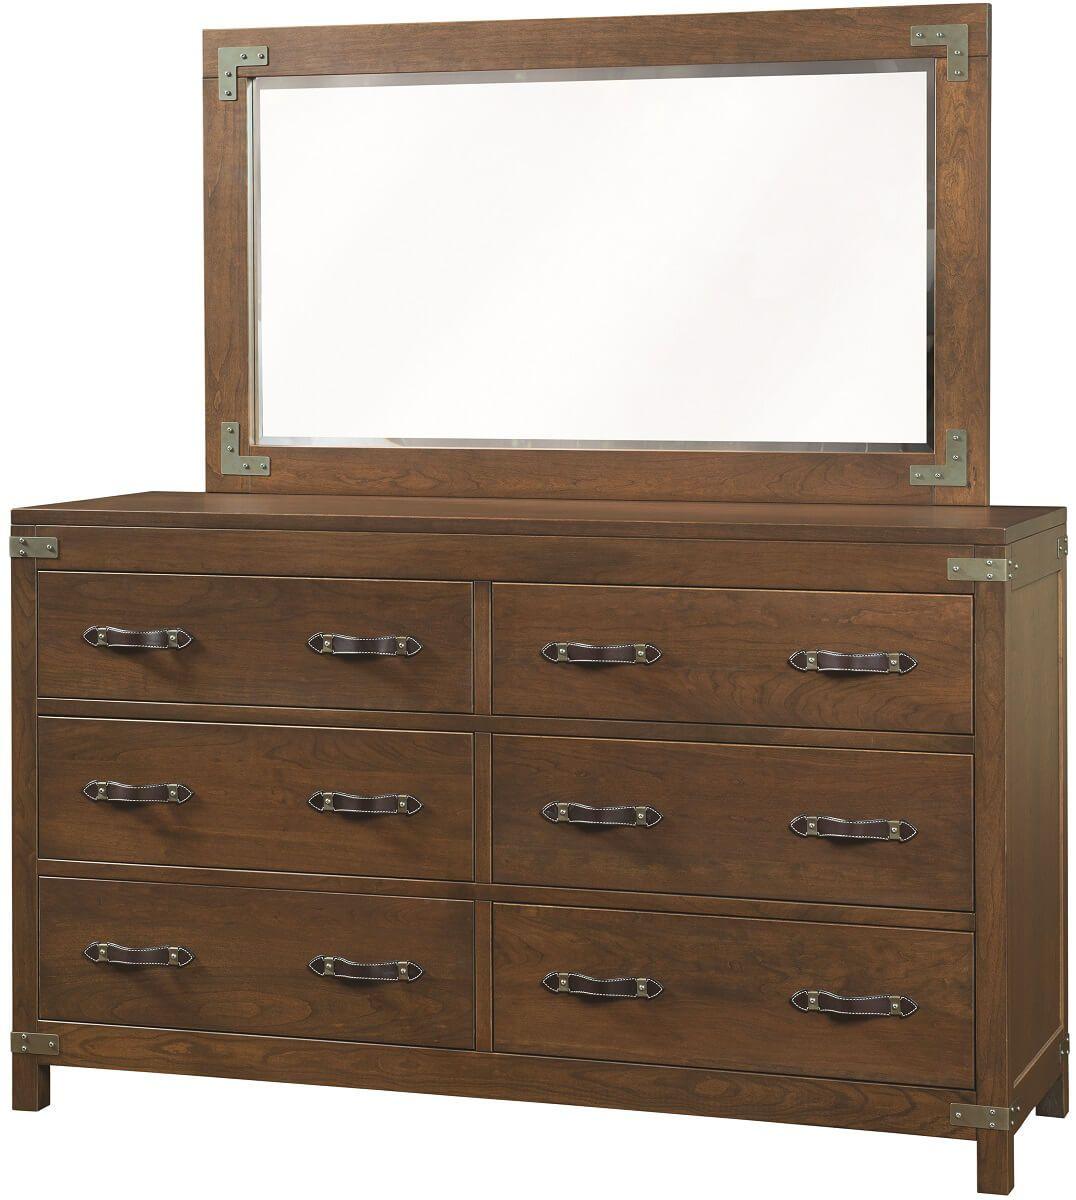 Bureau Dresser with Mirror